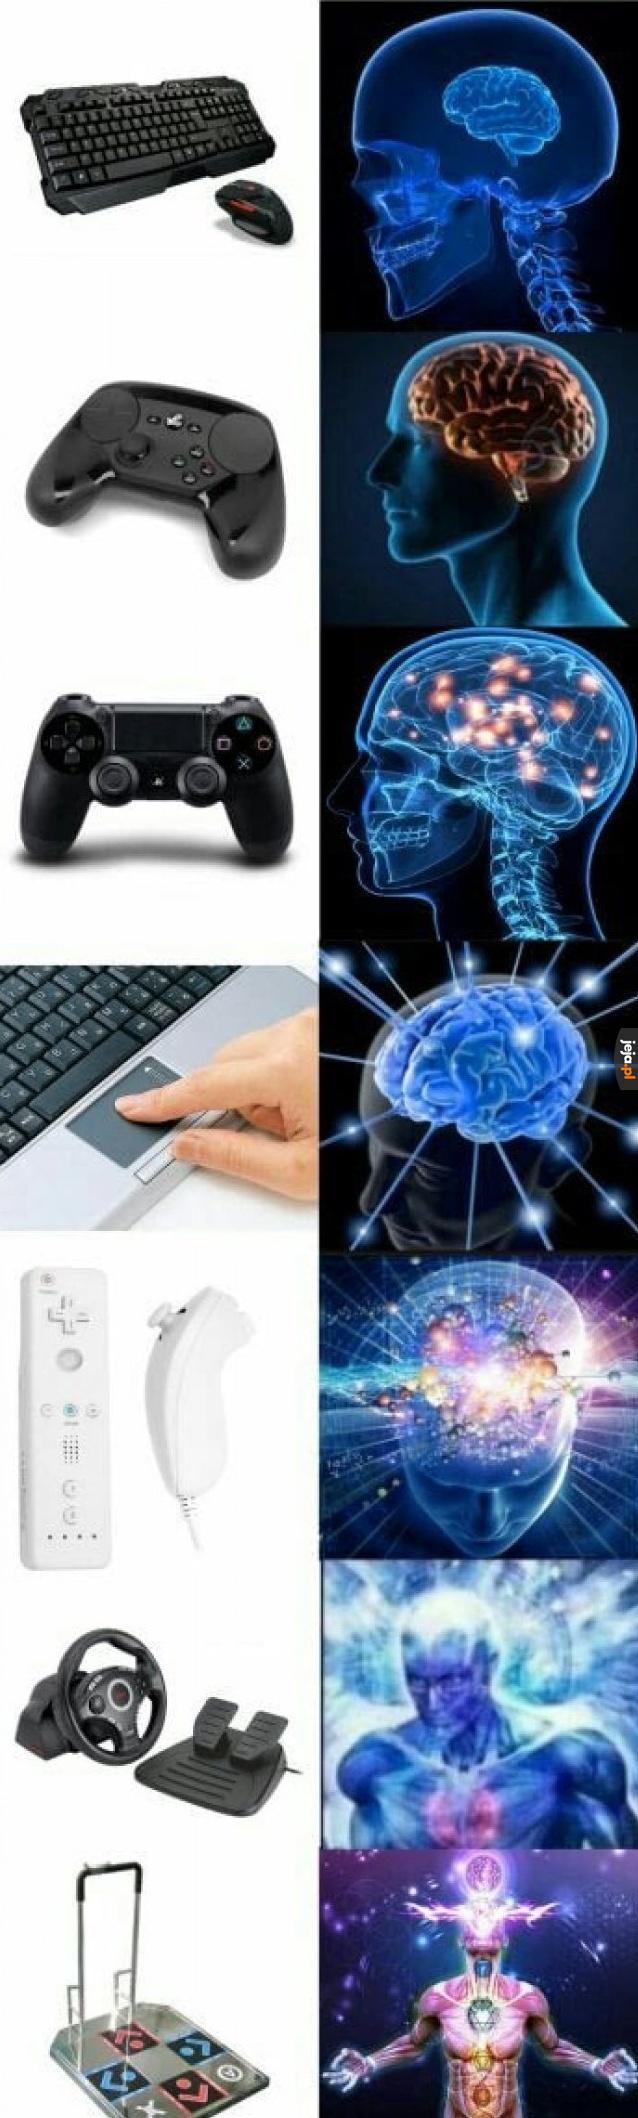 Jak grać w FPSy